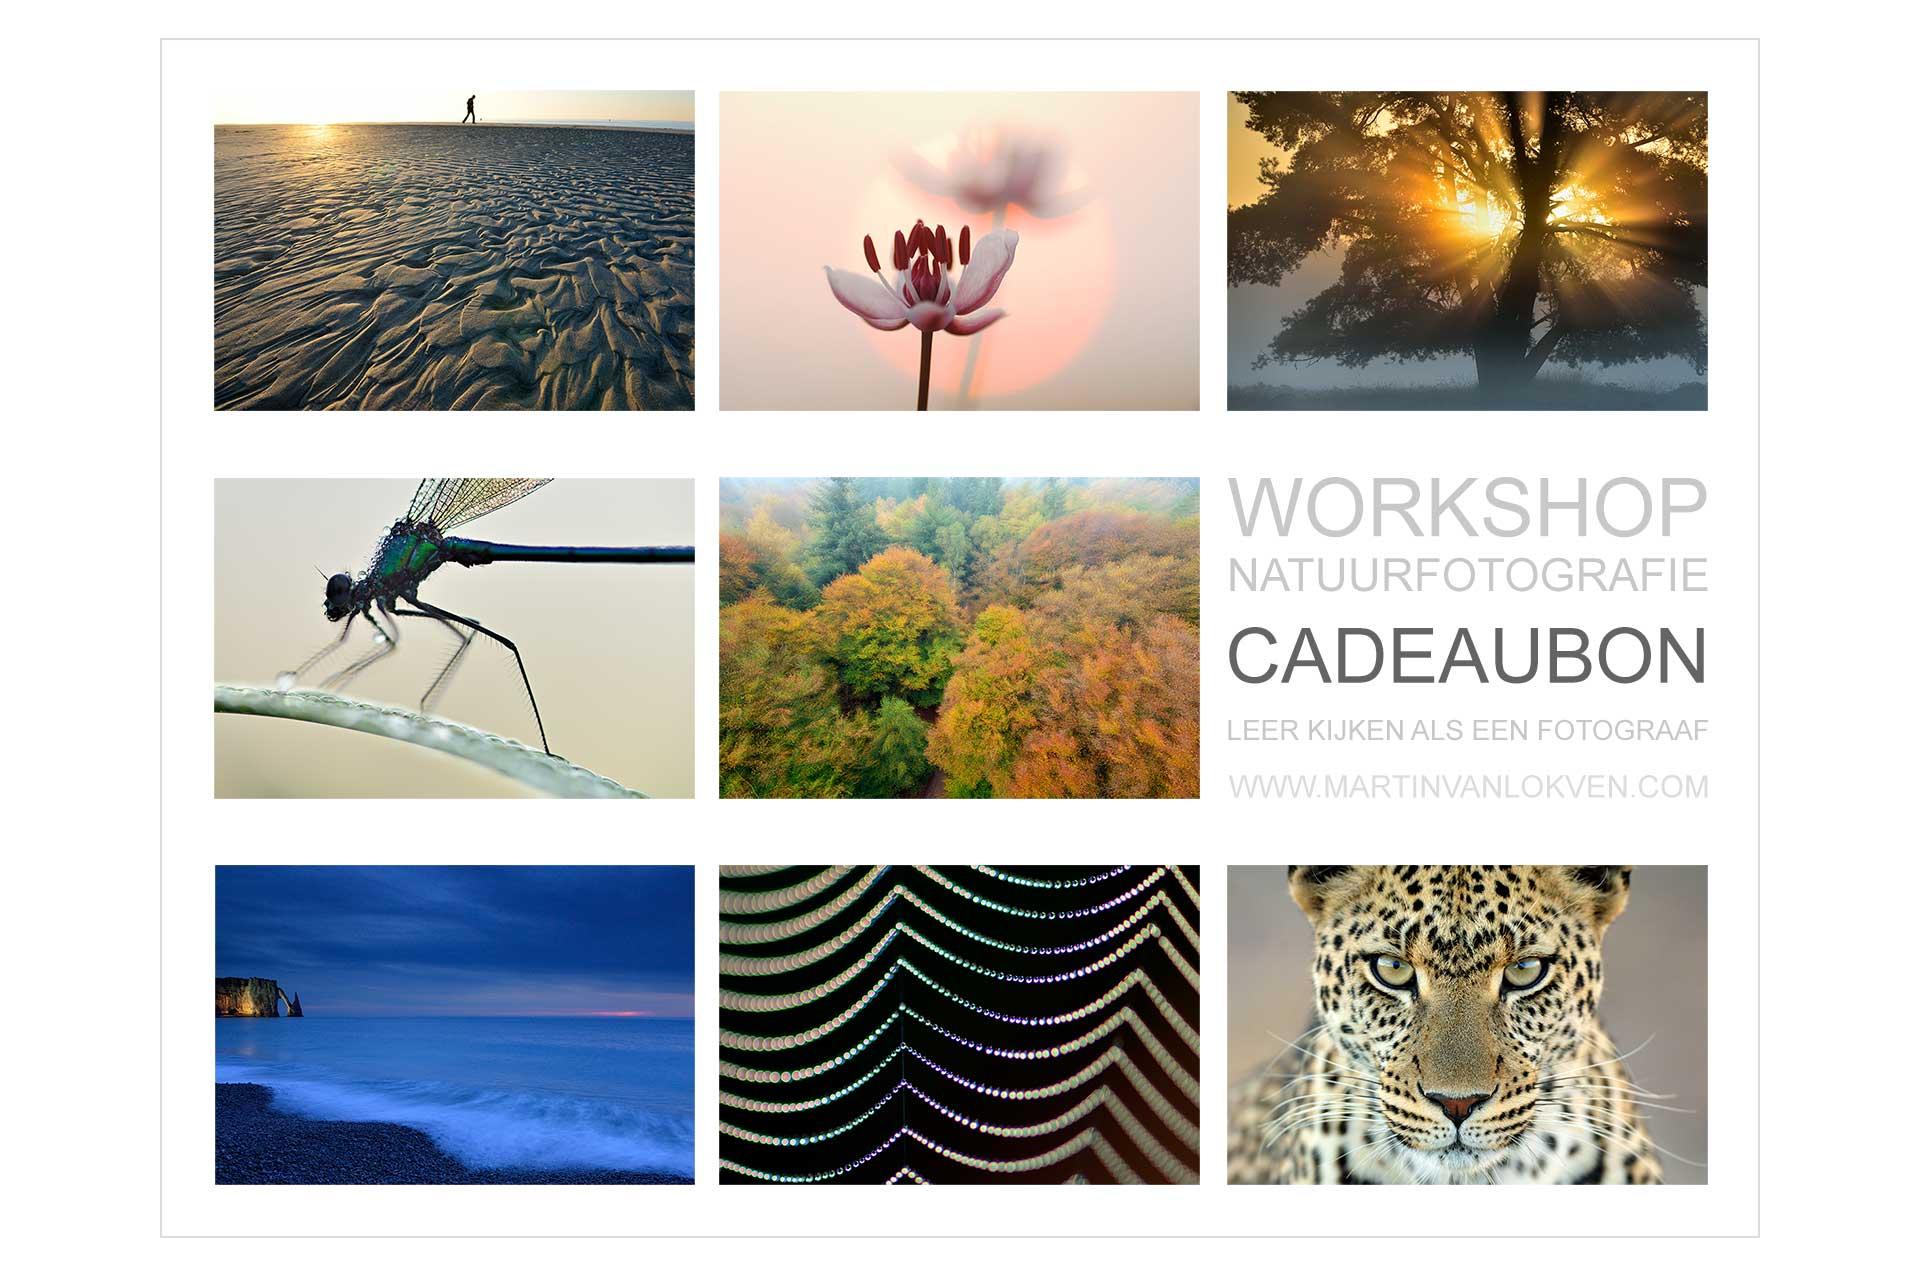 Workshop Natuurfotografie Cadeaubon